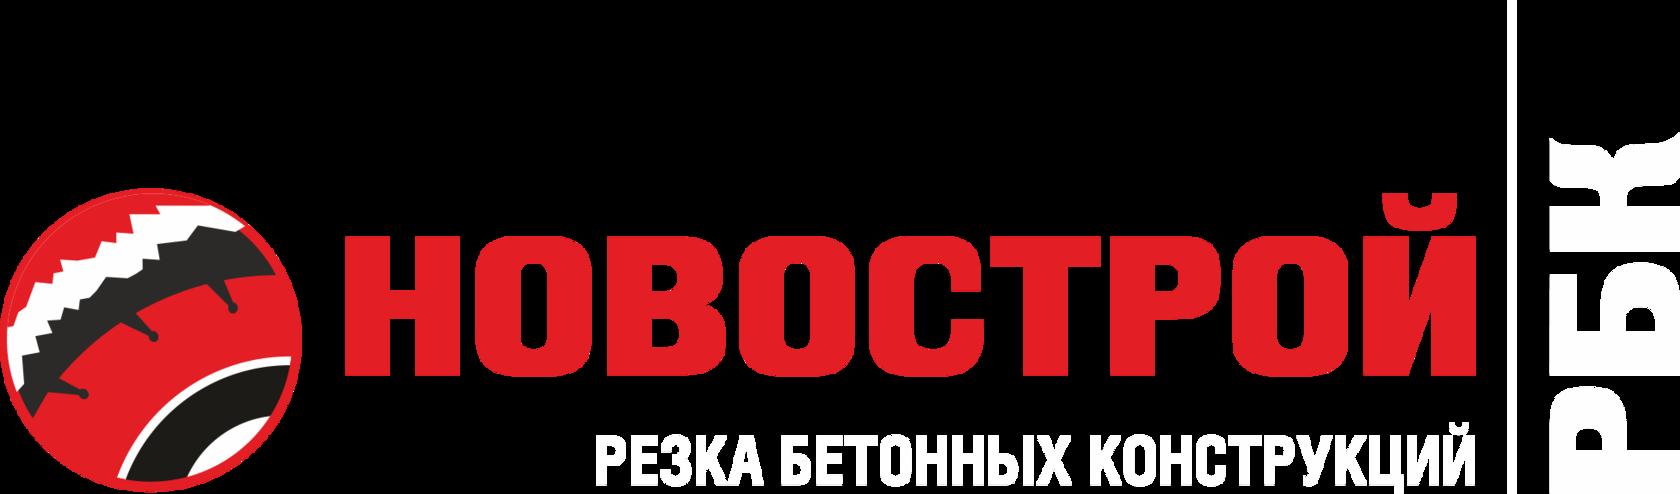 Новострой РБК